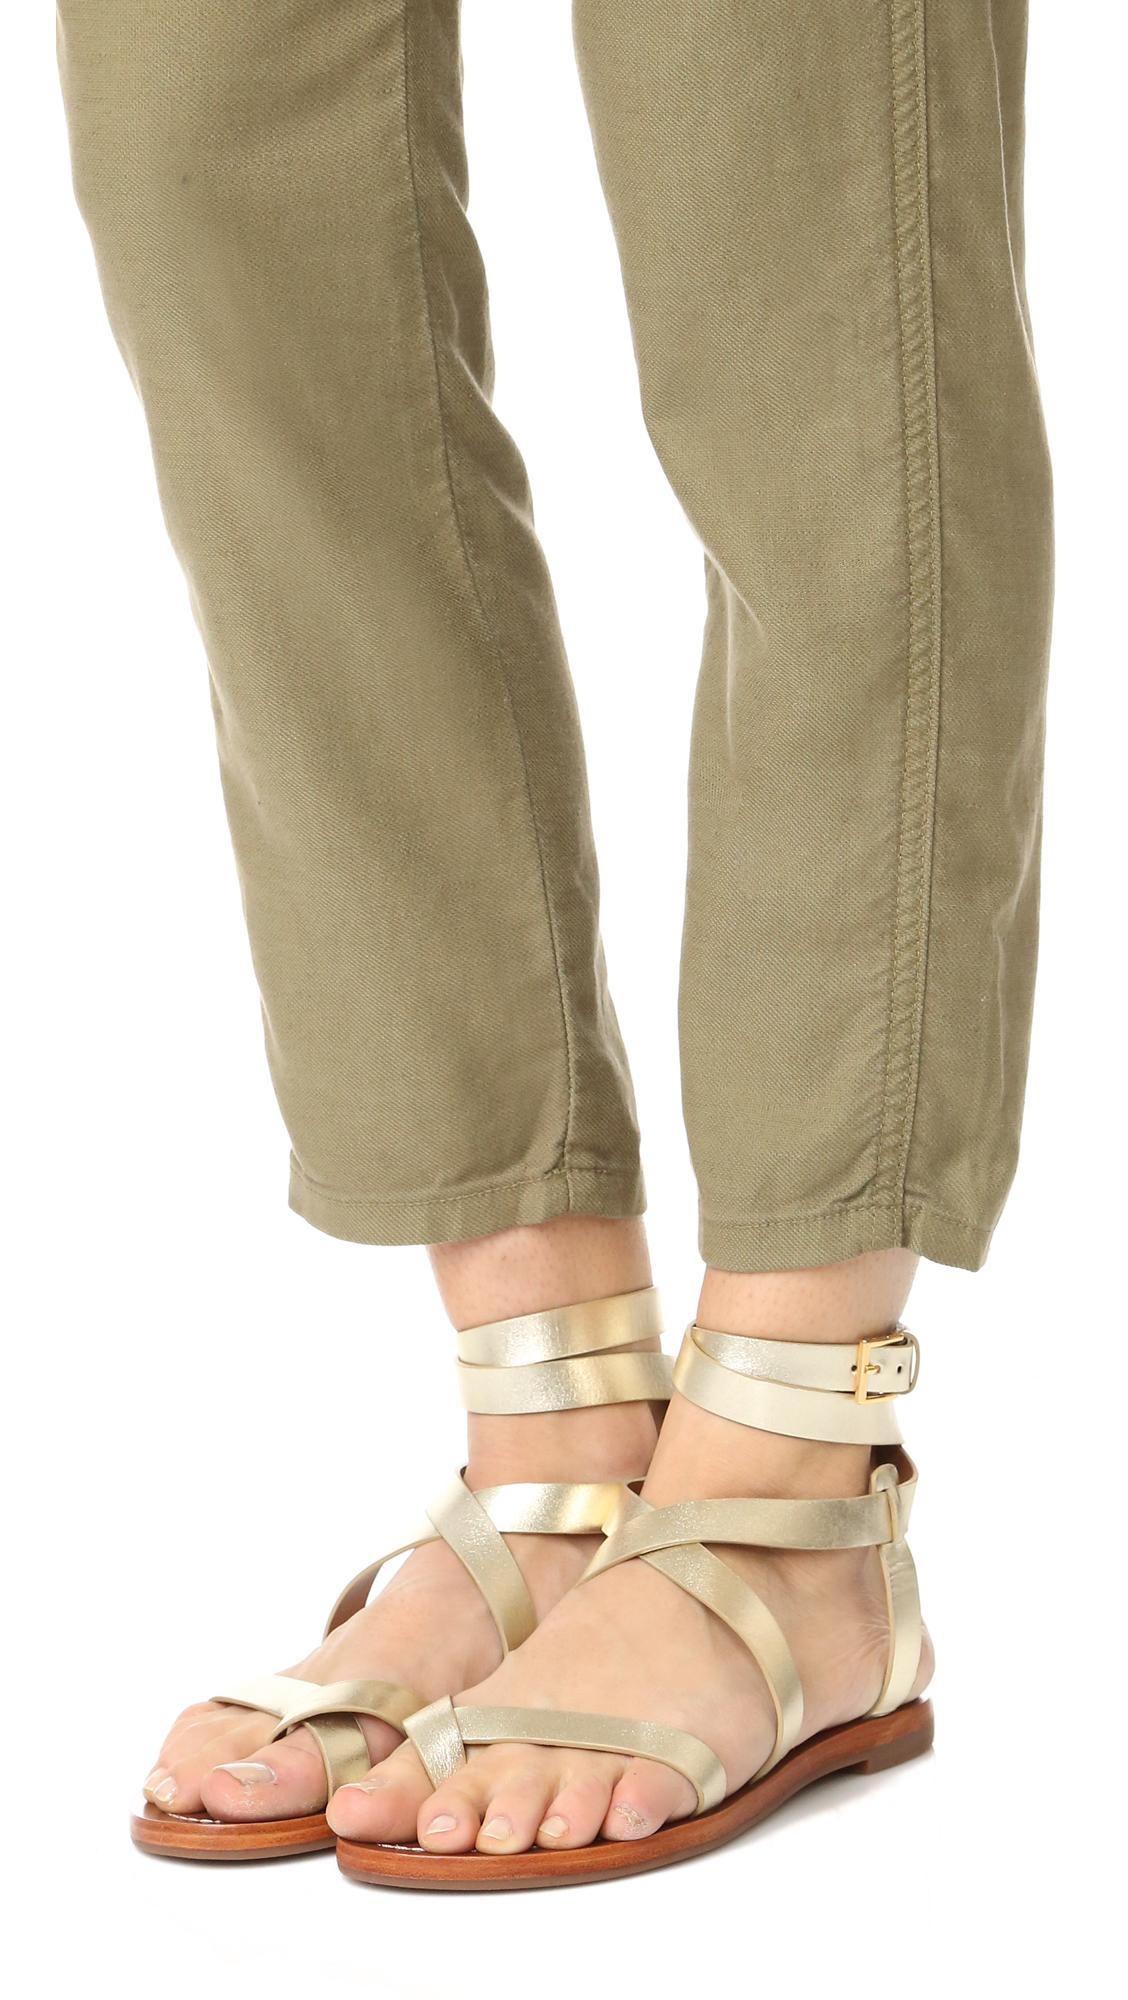 6a1e3f5e91e Tory Burch Patos Sandals